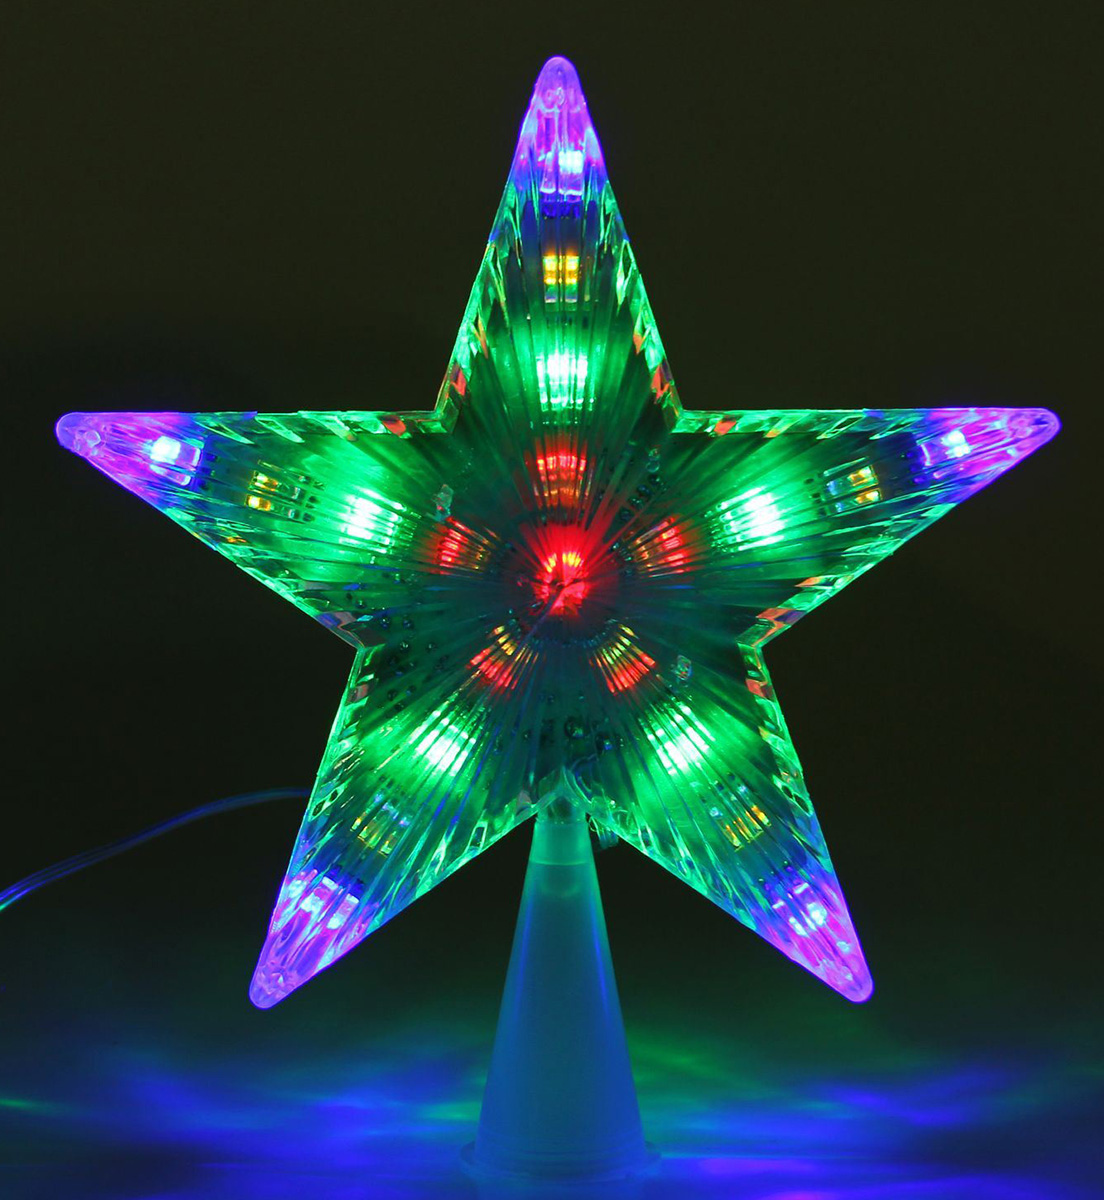 Верхушка на елку Luazon Звезда белая, светодиодная, 17 х 17 см1077216Верхушка Luazon, выполненная из пластика, прекрасно подойдет для декора новогодней елки. Изделие создаст особое настроение новогоднего торжества. Изделие работает от сети 220 v.Верхушка на елку - одно из главных новогодних украшений лесной красавицы. Она принесет в ваш дом ни с чем не сравнимое ощущение праздника! Новогодние украшения несут в себе волшебство. Они помогут вам украсить дом к предстоящим праздникам и оживить интерьер по вашему вкусу. Создайте в доме атмосферу тепла, веселья и радости, украшая его всей семьей.